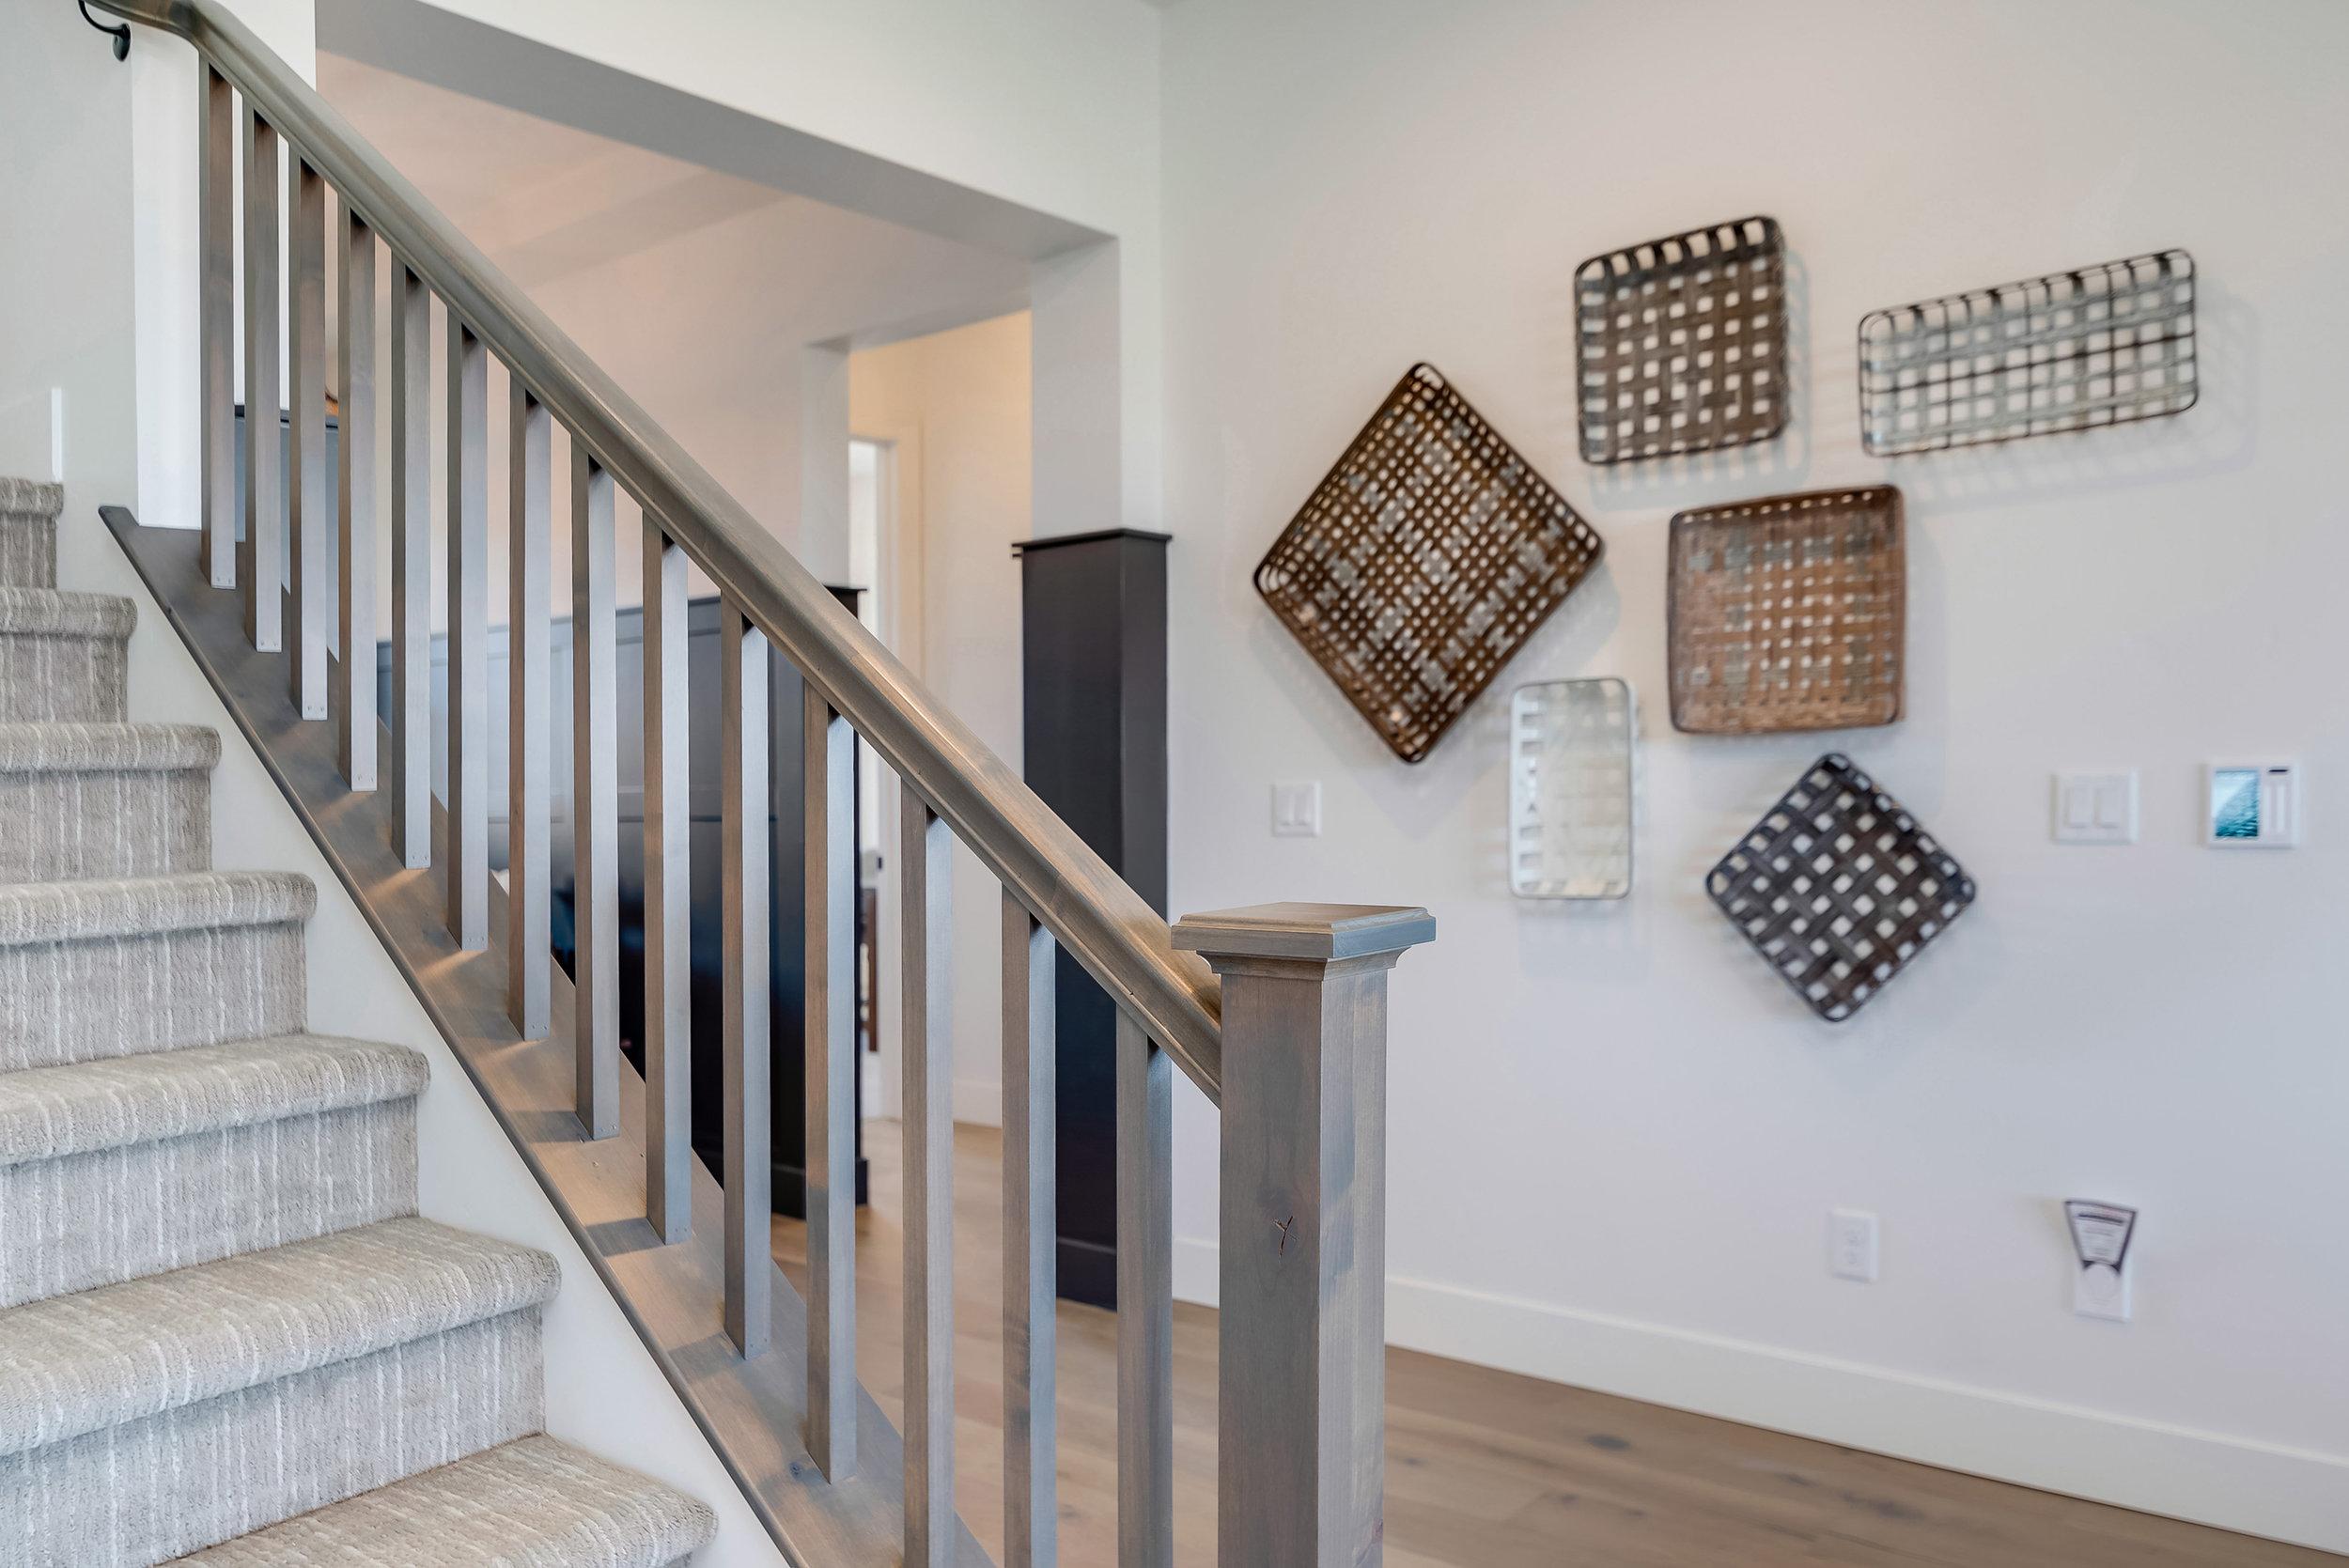 31-Stairs.jpg